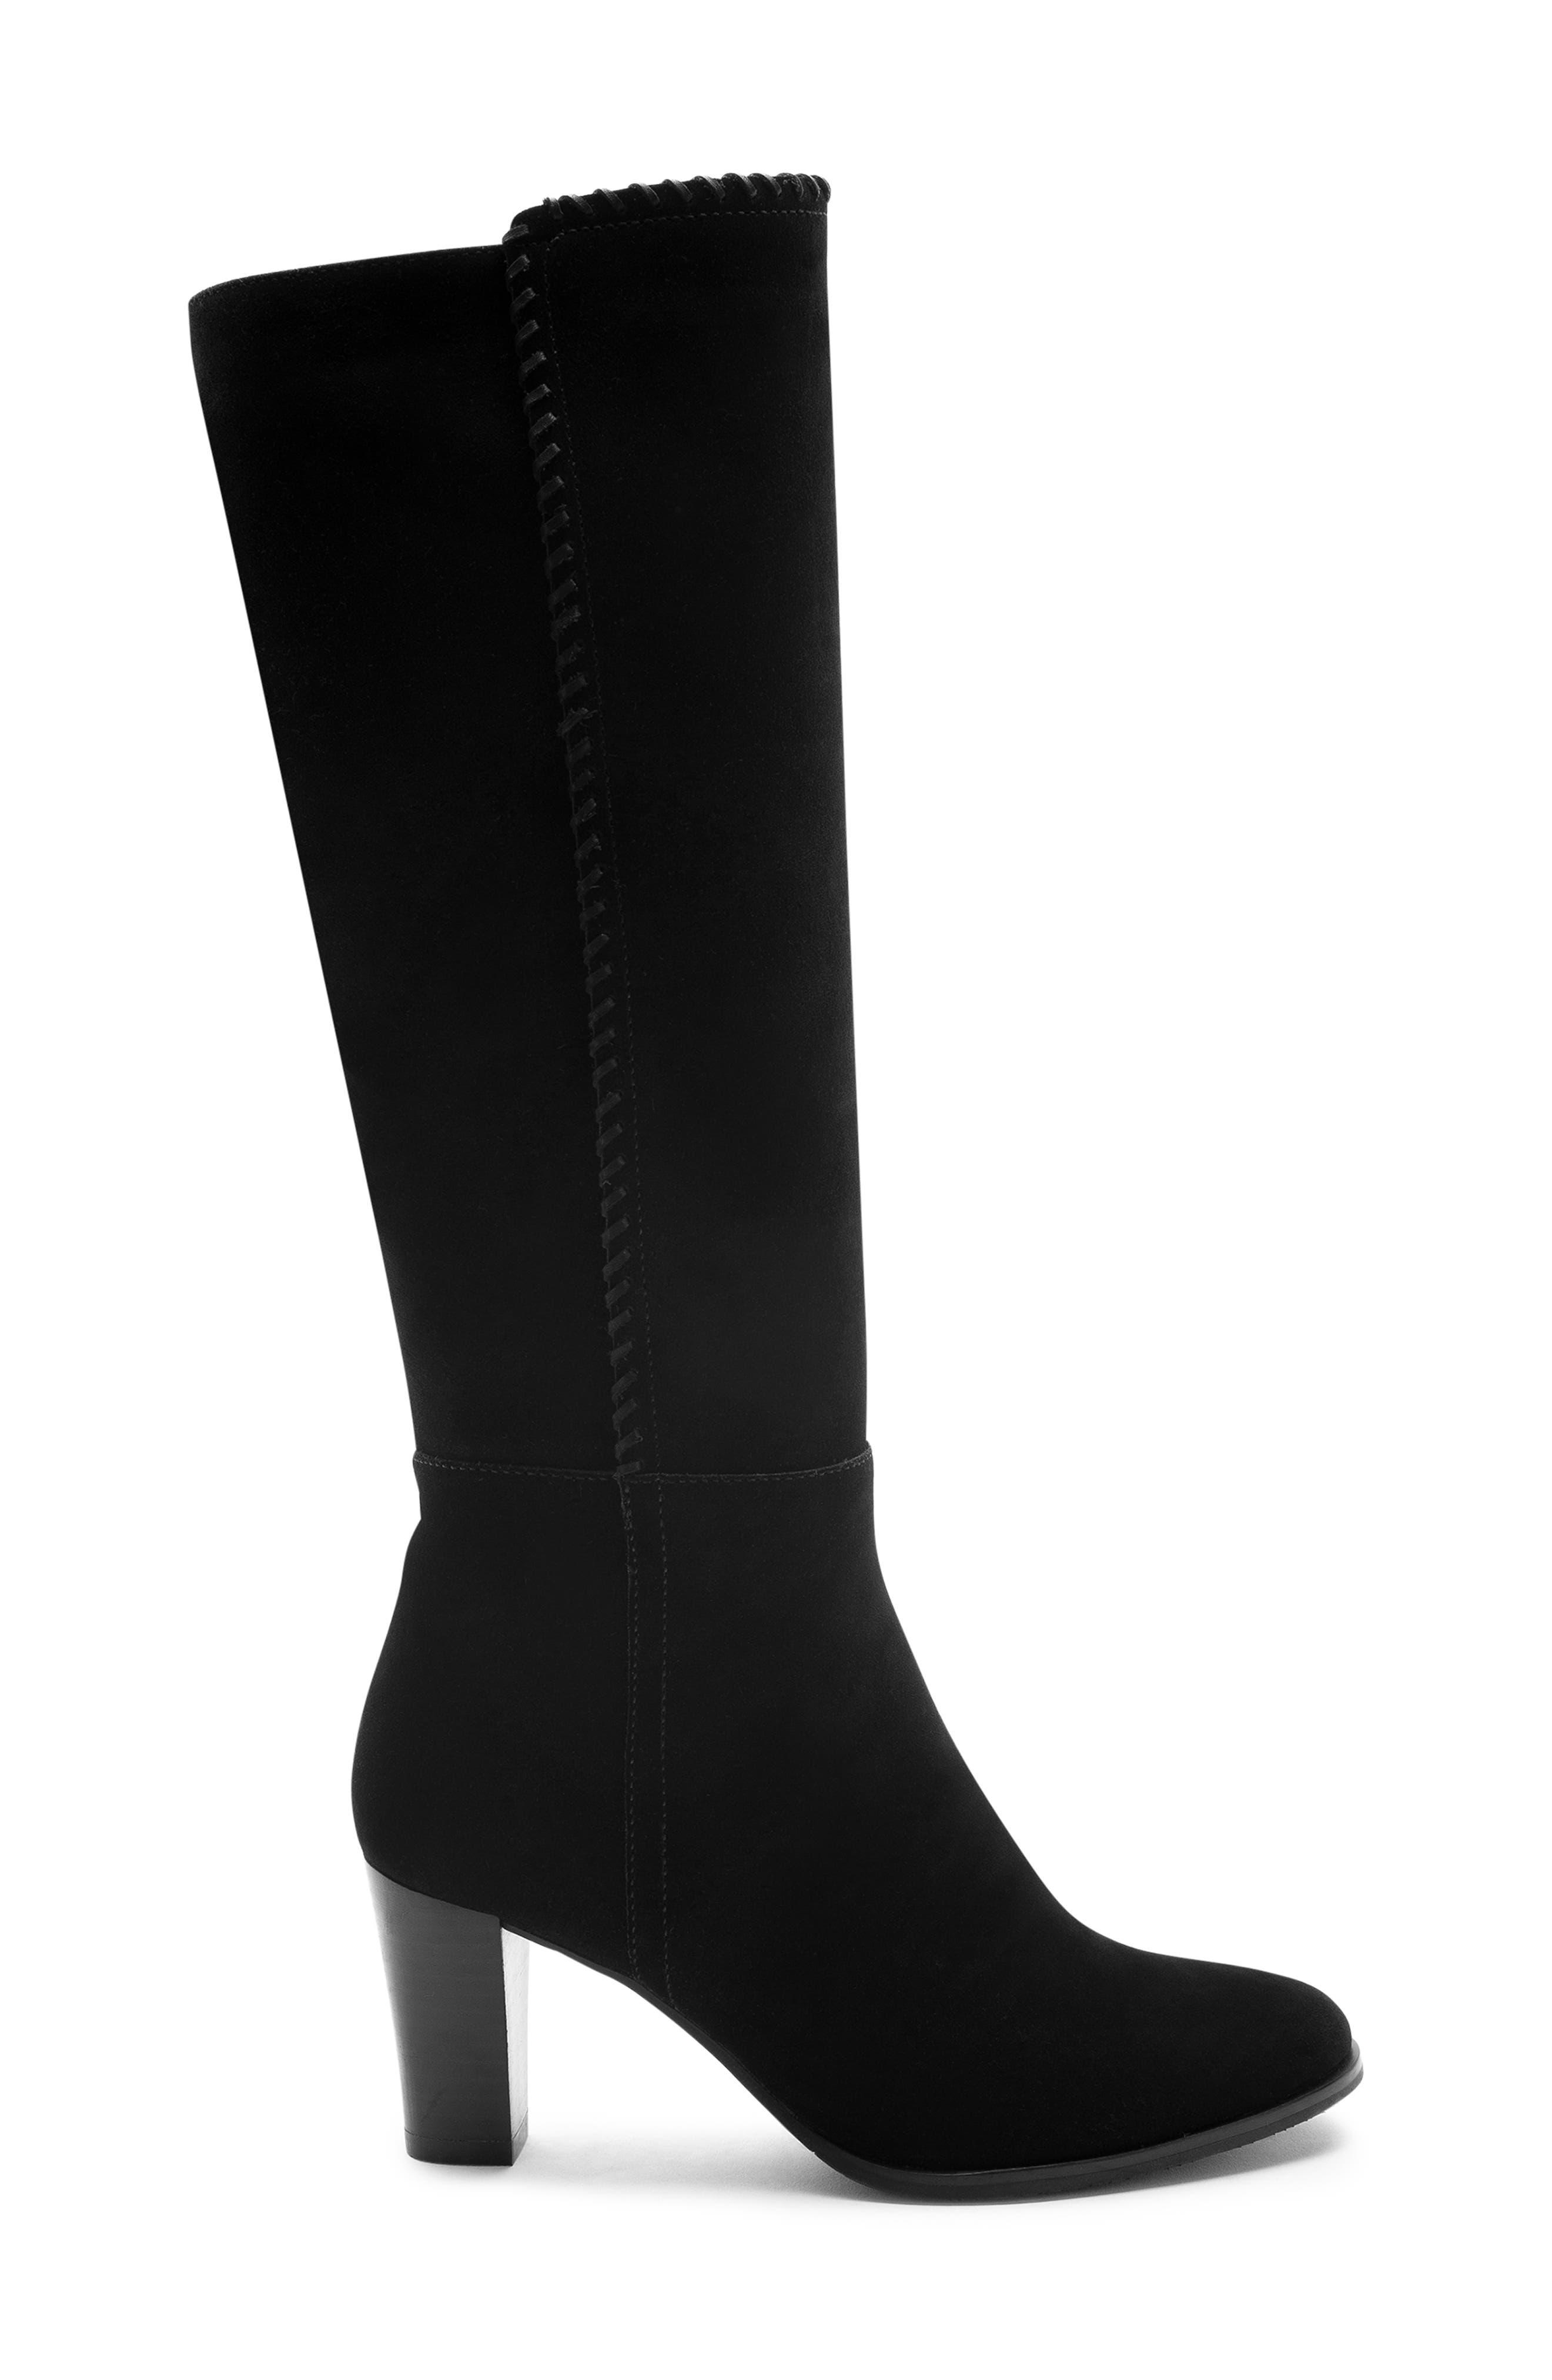 BLONDO, Edith Knee-High Waterproof Suede Boot, Alternate thumbnail 3, color, BLACK SUEDE